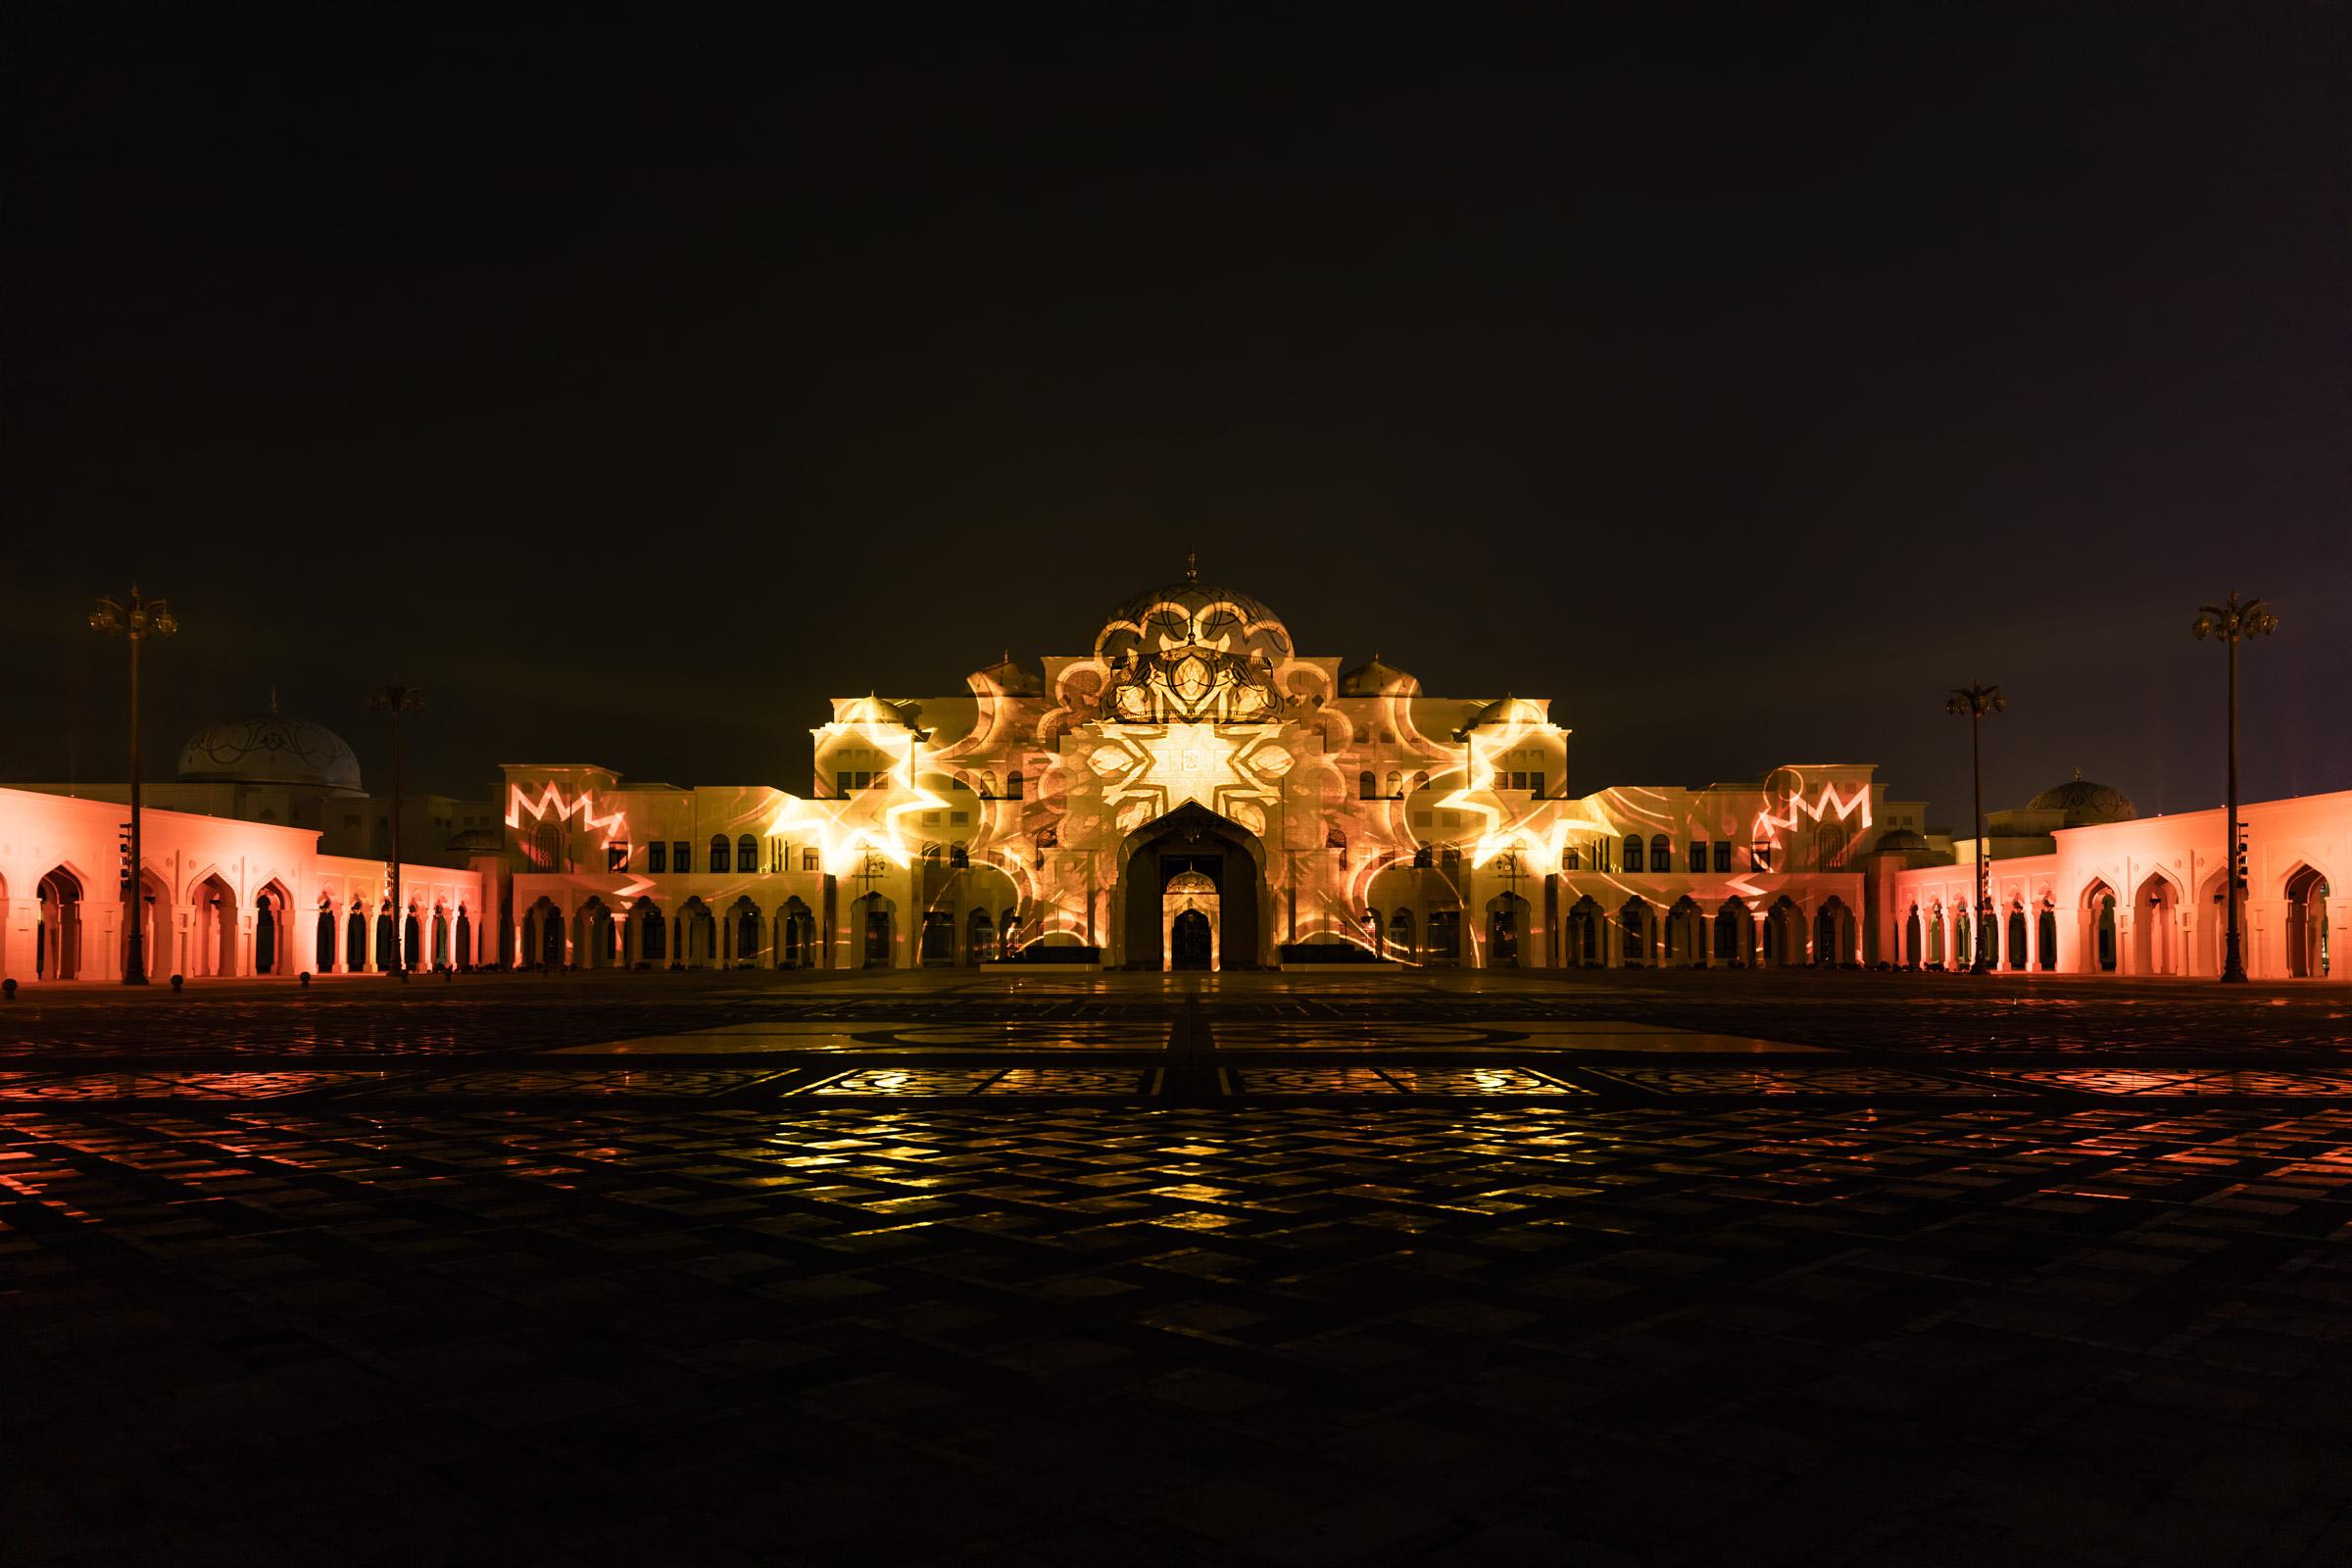 Palace in Motion - Qasr Al Watan, Abu Dhabi